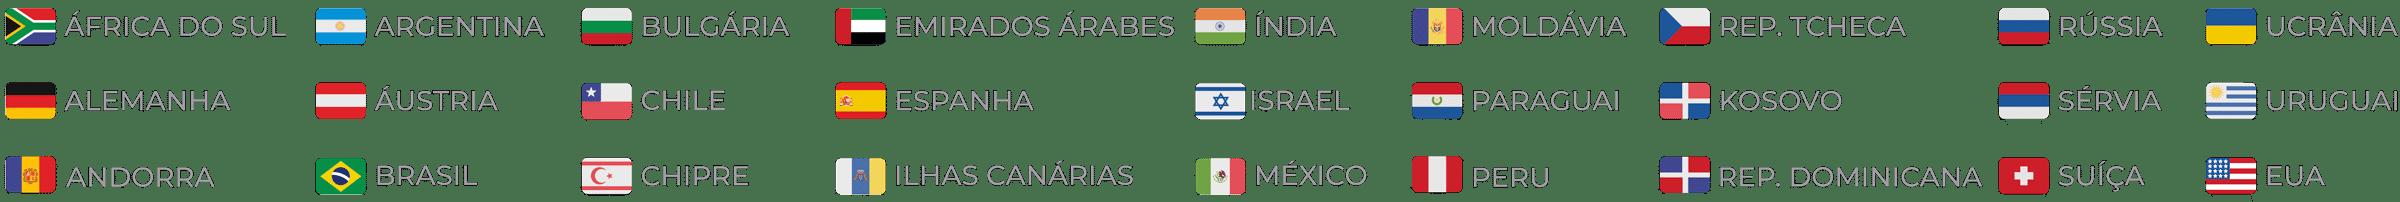 Bandeiras dos paises onde a zomo esta presente